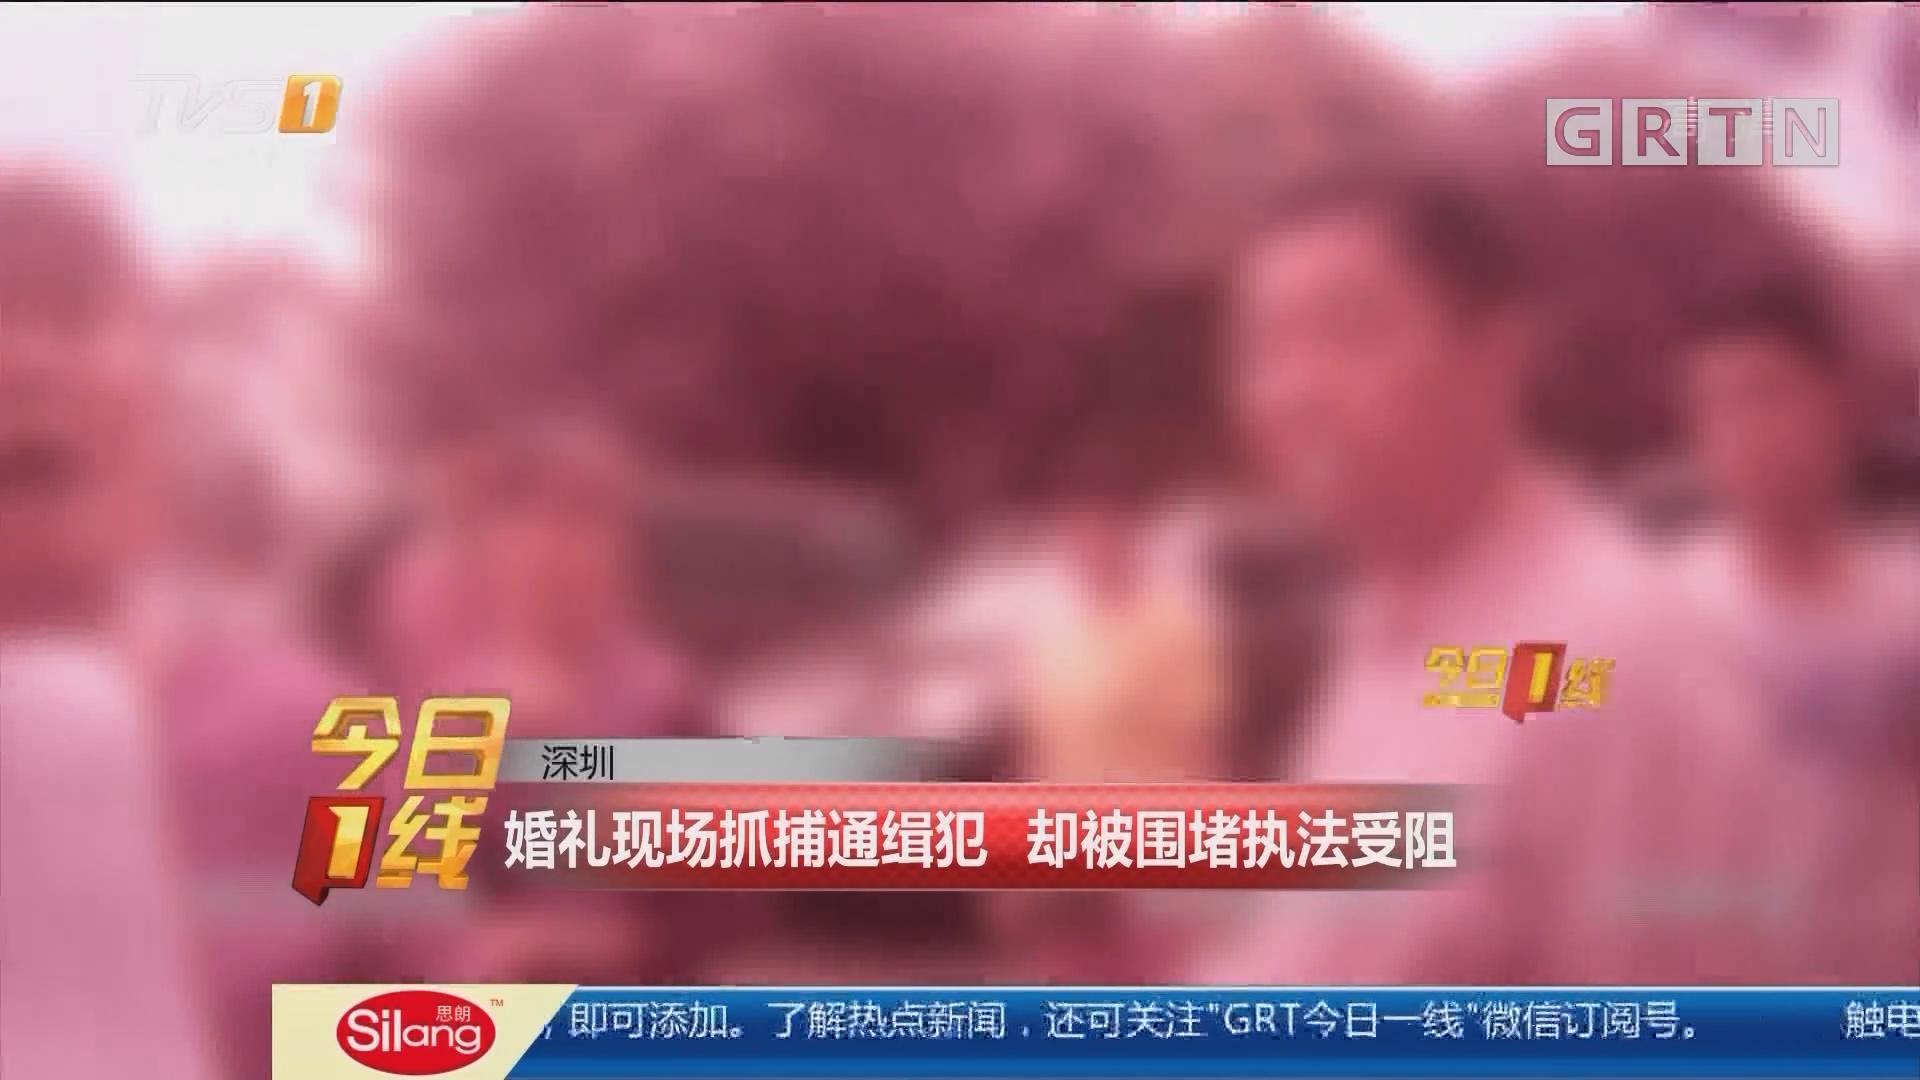 深圳:婚礼现场抓捕通缉犯 却被围堵执法受阻